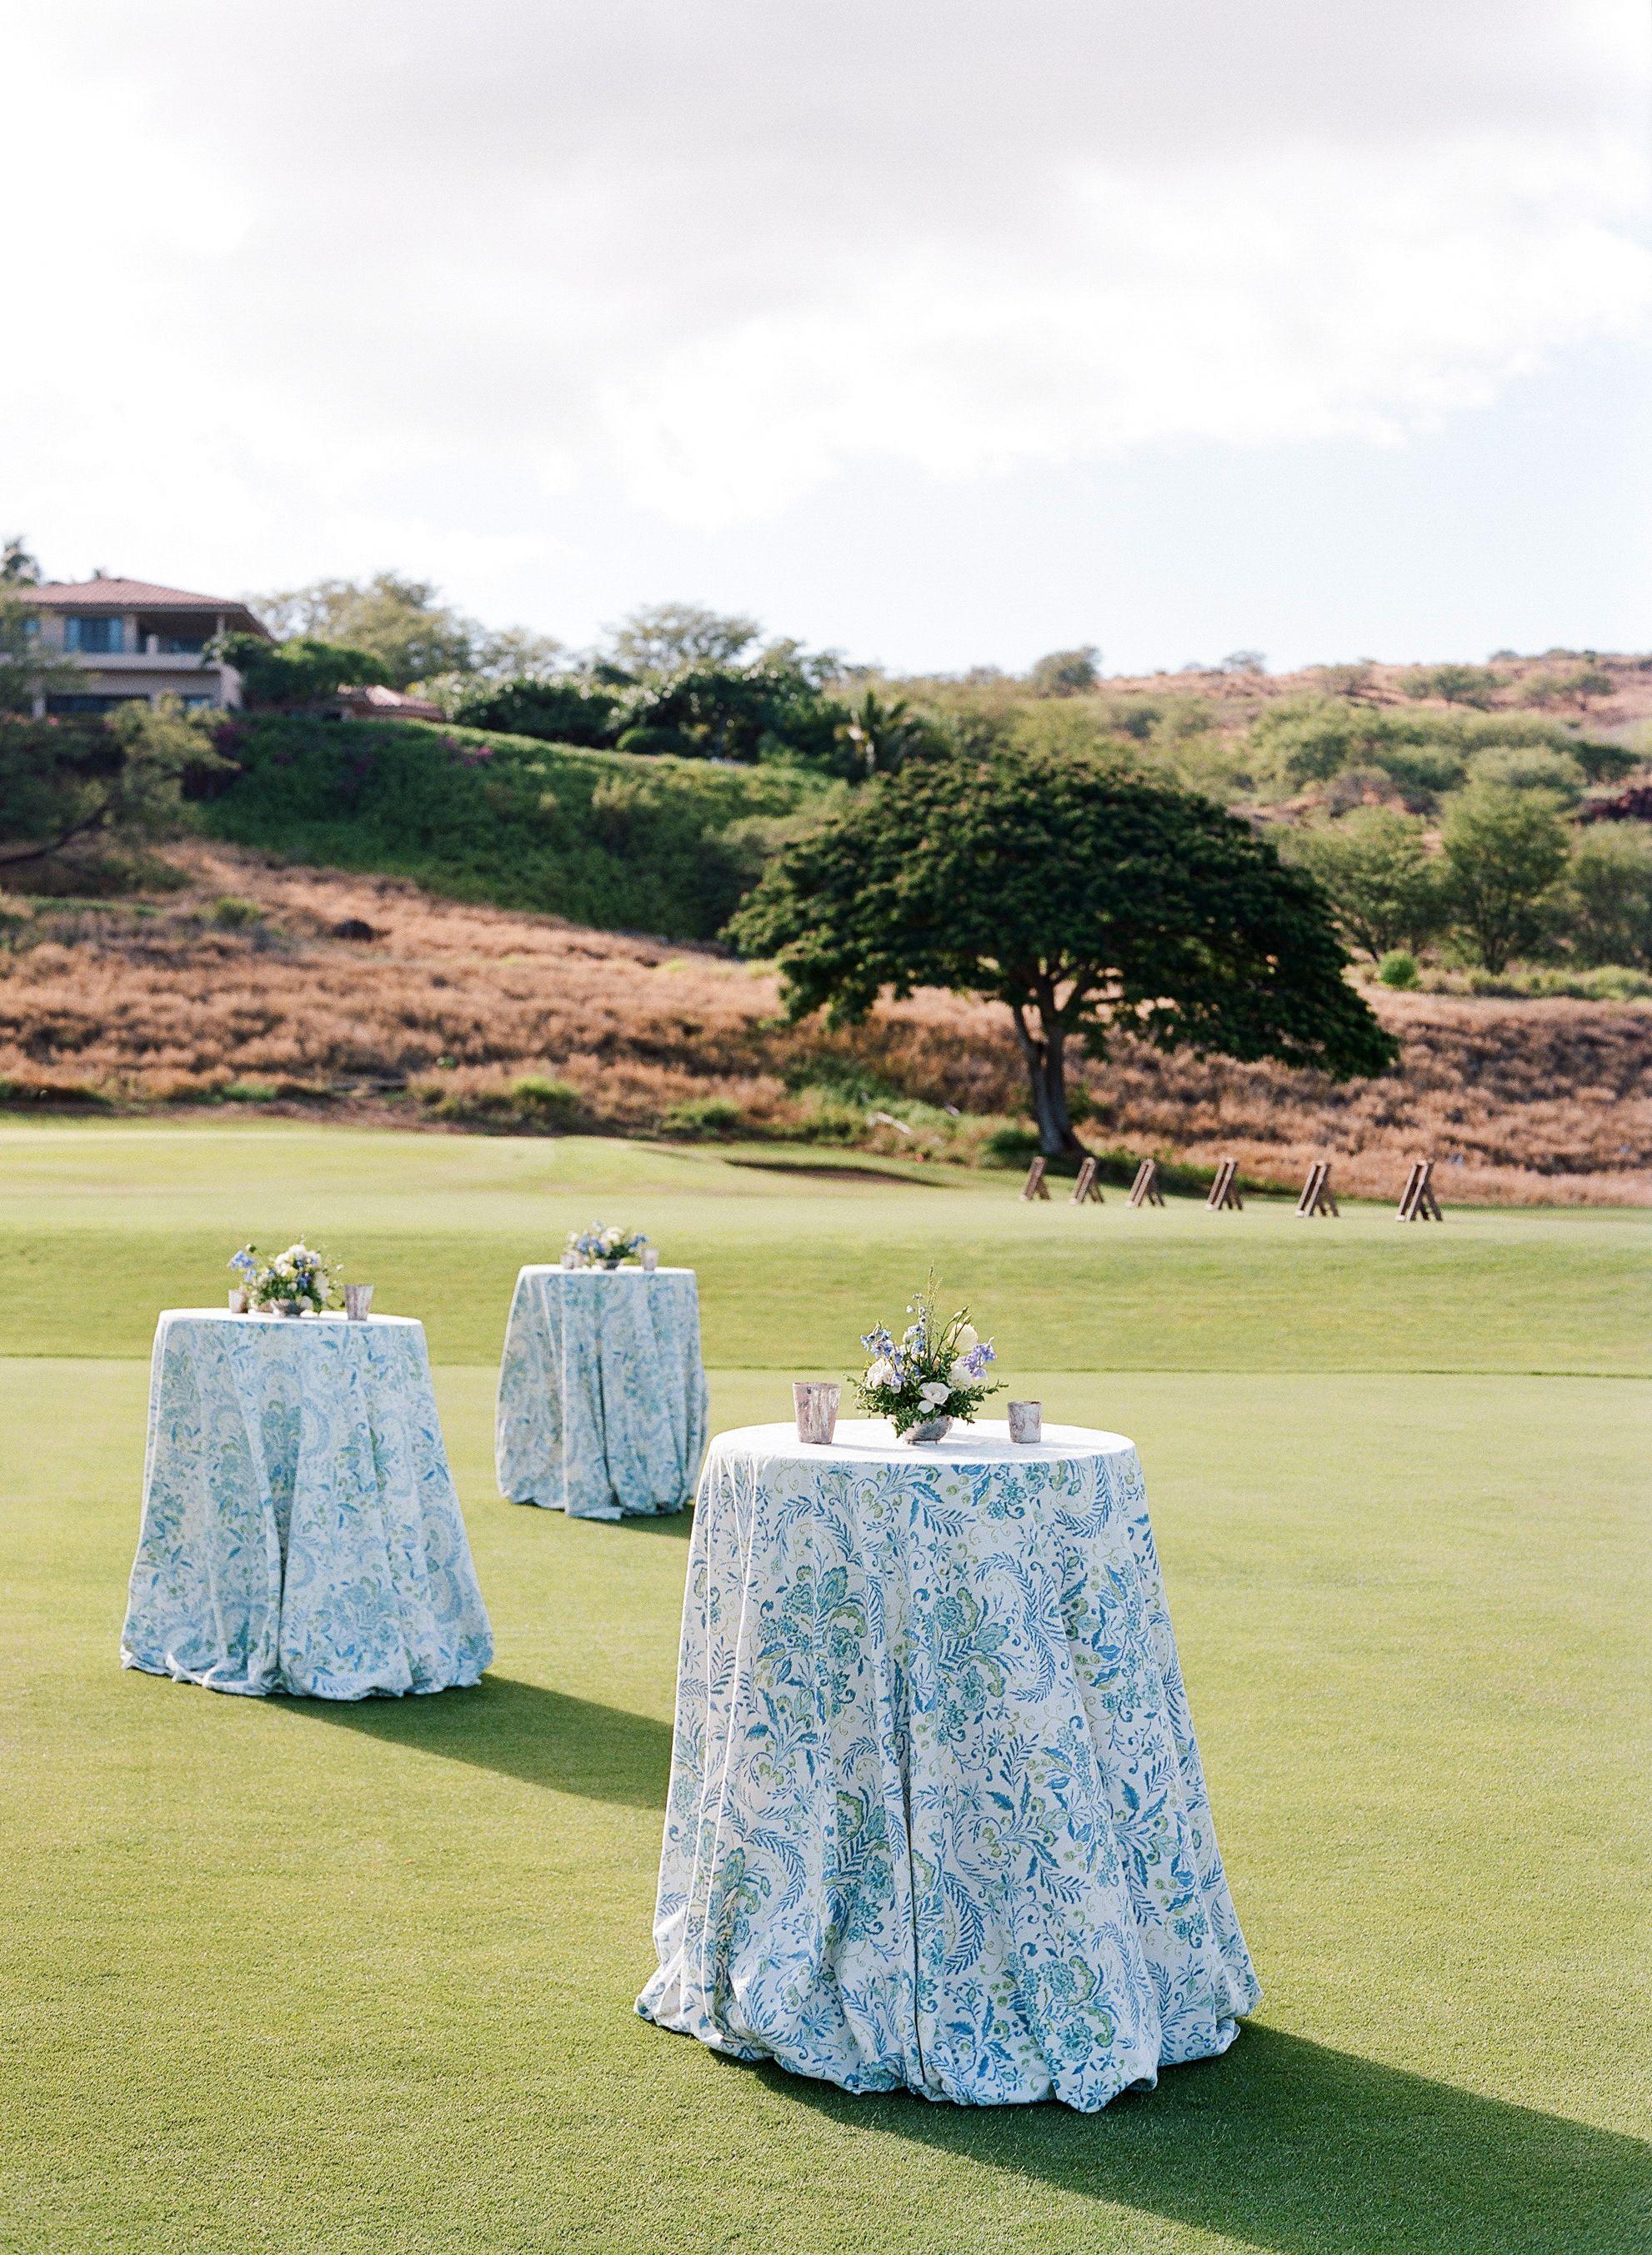 La Tavola Fine Linen Rental: Ara Luna | Photography: Joel Serrato, Event Planning: Brooke Keegan Special Events, Venue: Four Seasons Resort Lanai, Rentals: Hawaii  Rentals